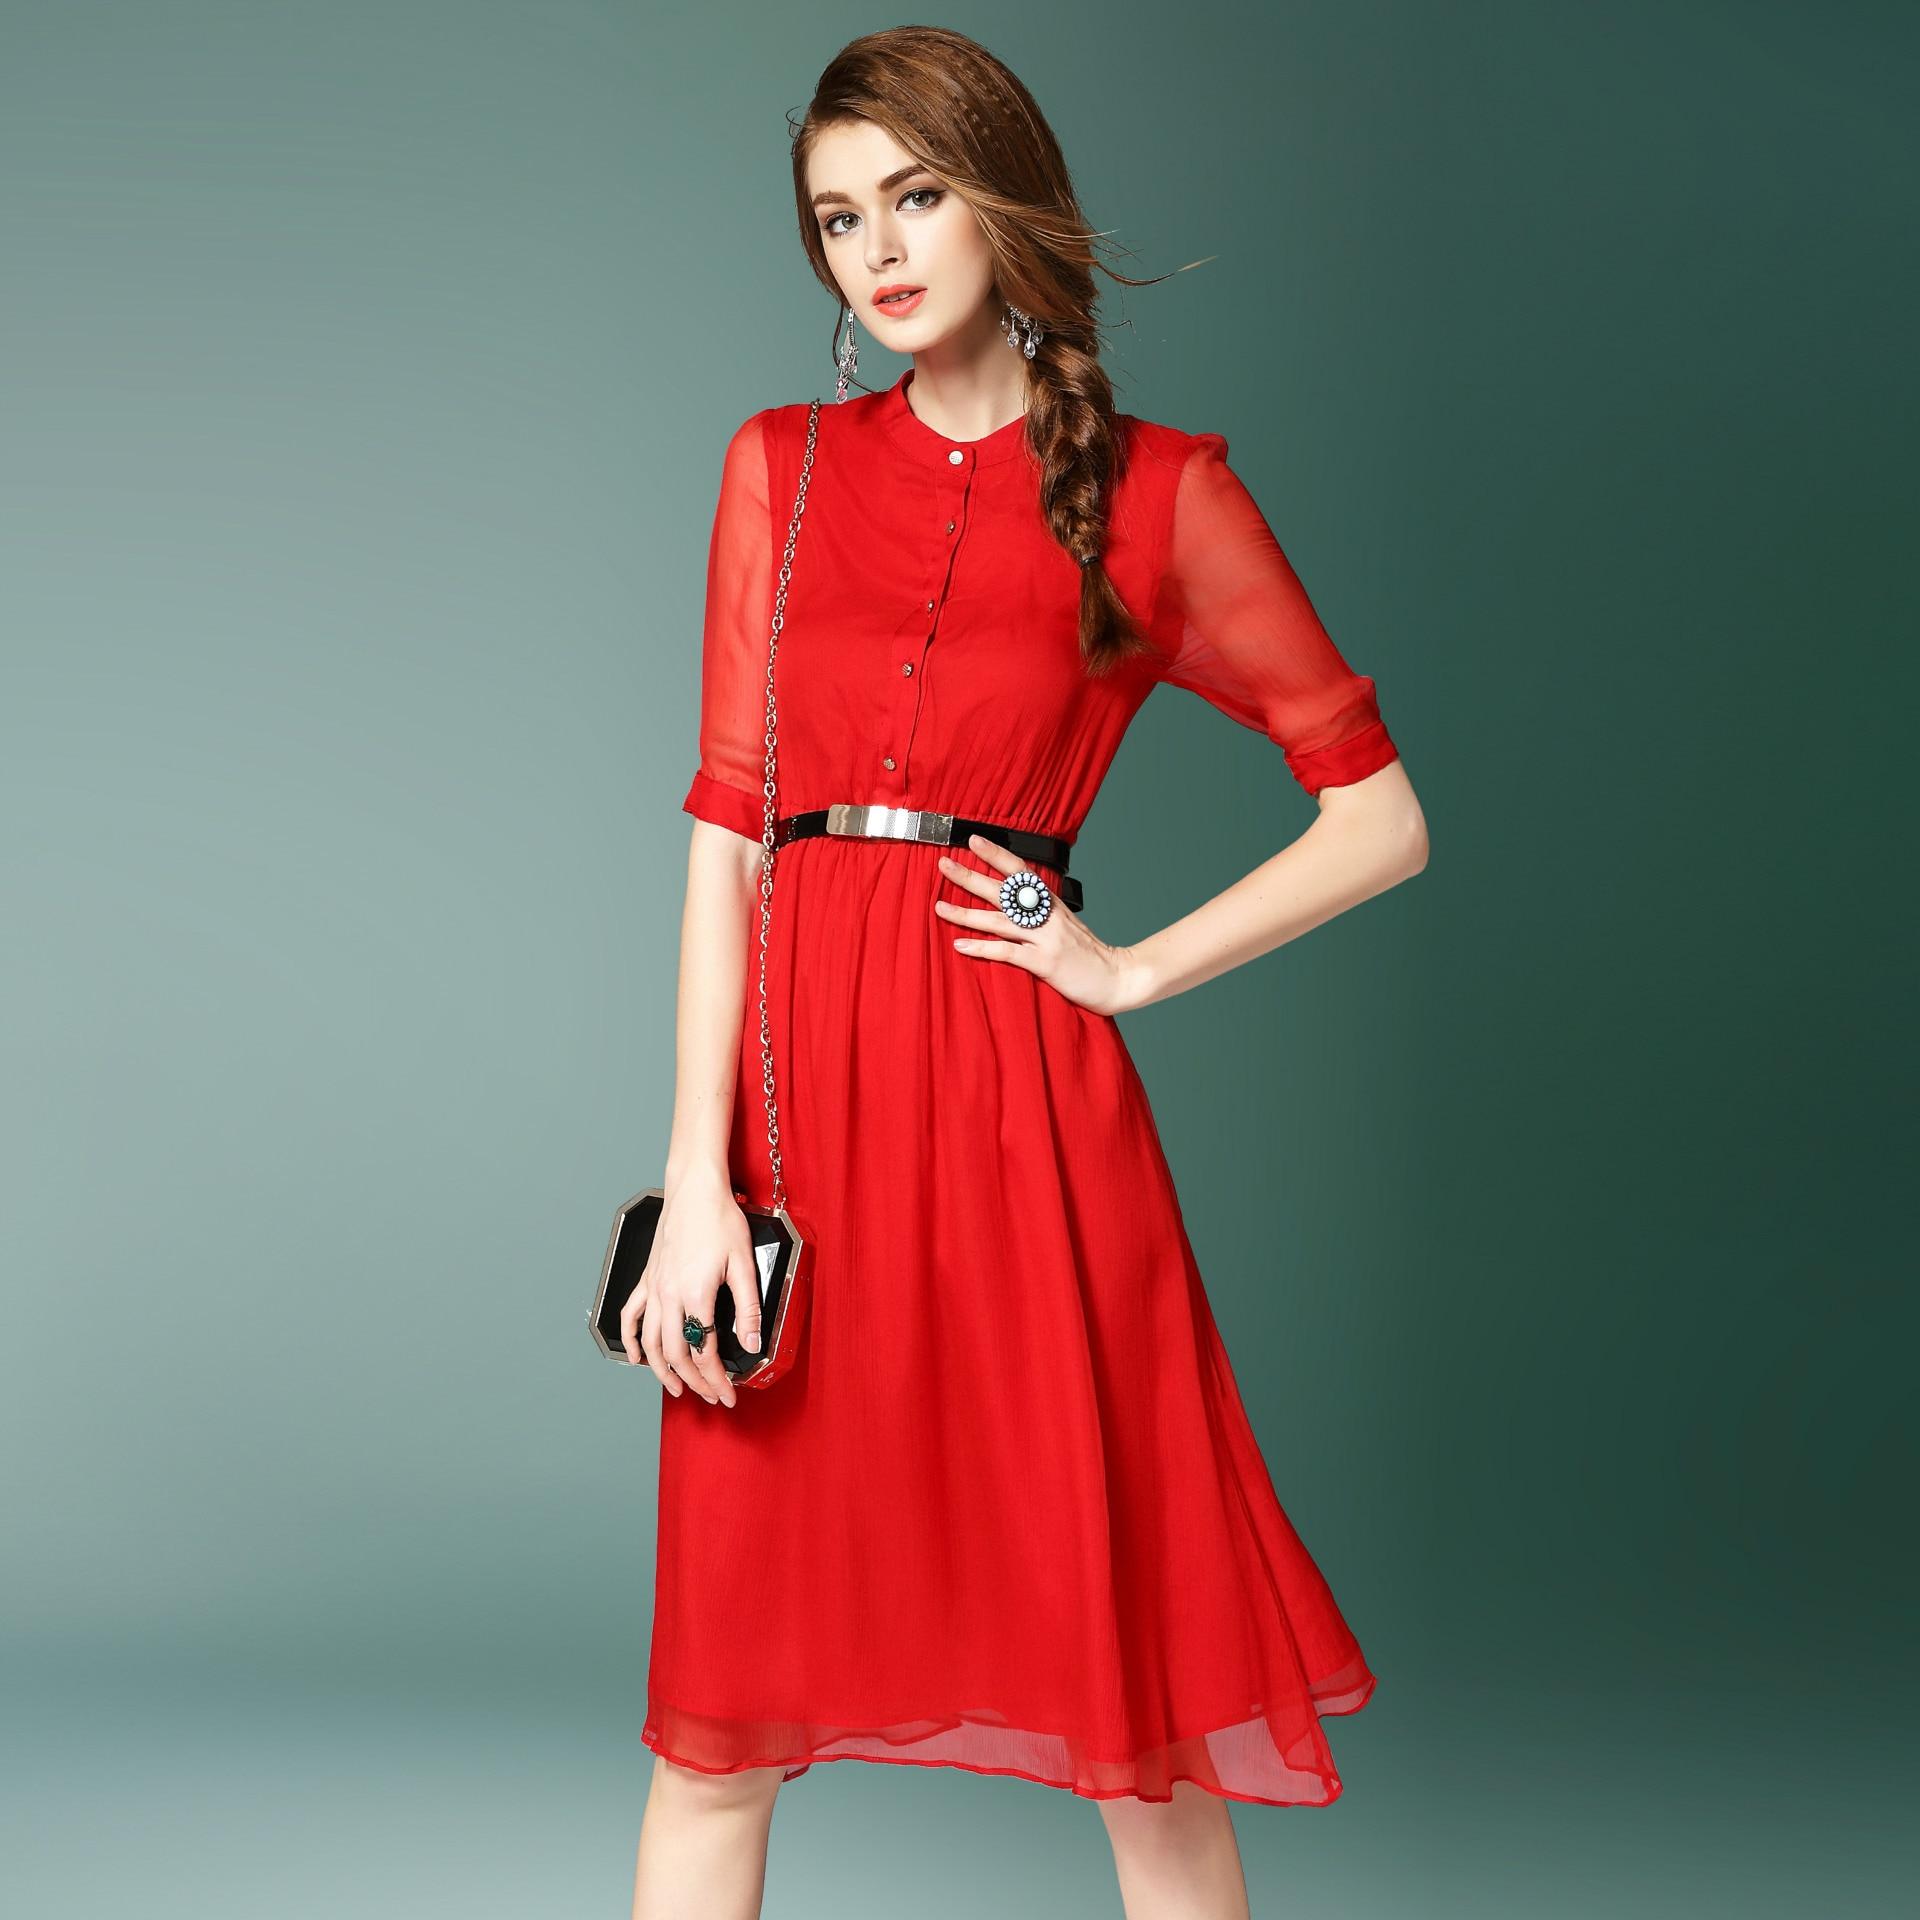 2019 automne mode design nouvelle fronde longue jupe Sen fée robe en mousseline de soie doux mince minceur robe